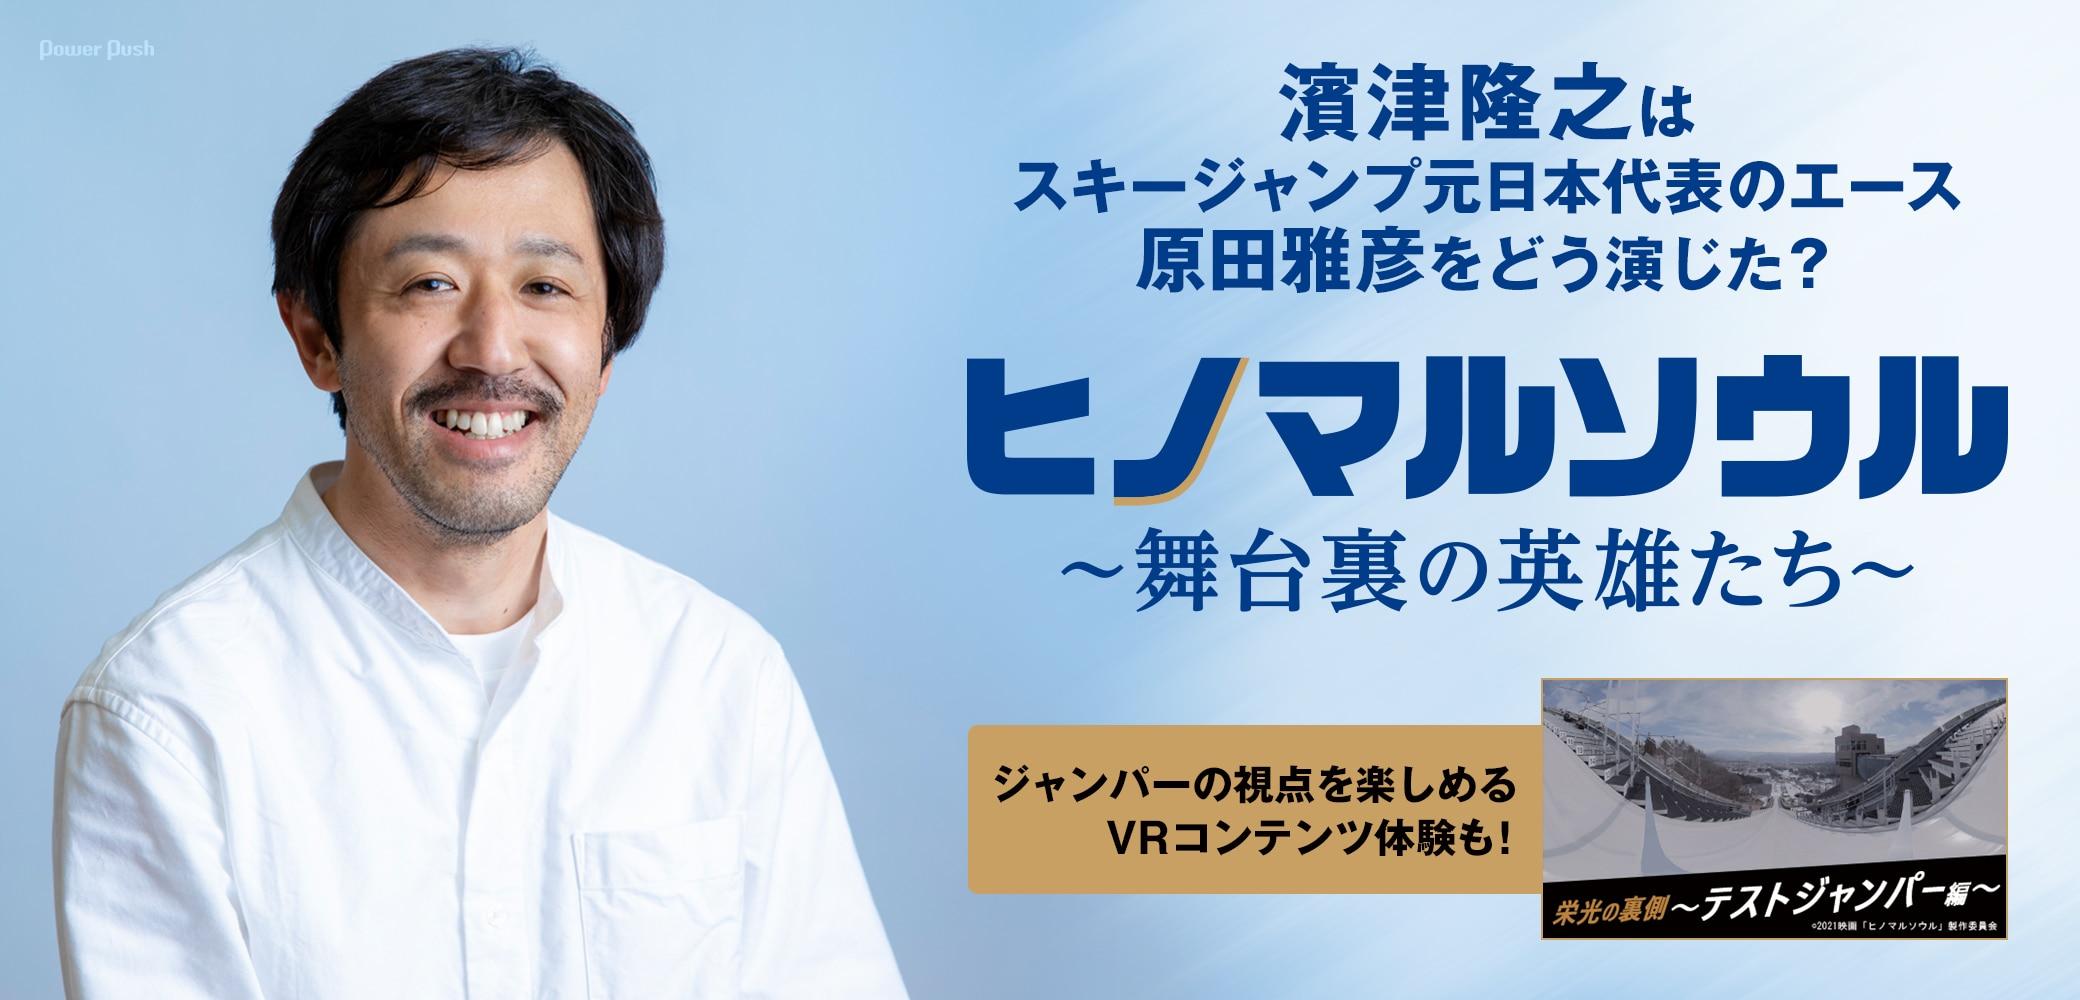 「ヒノマルソウル~舞台裏の英雄たち~」濱津隆之はスキージャンプ元日本代表のエース・原田雅彦をどう演じた? ジャンパーの視点を楽しめるVRコンテンツ体験も!